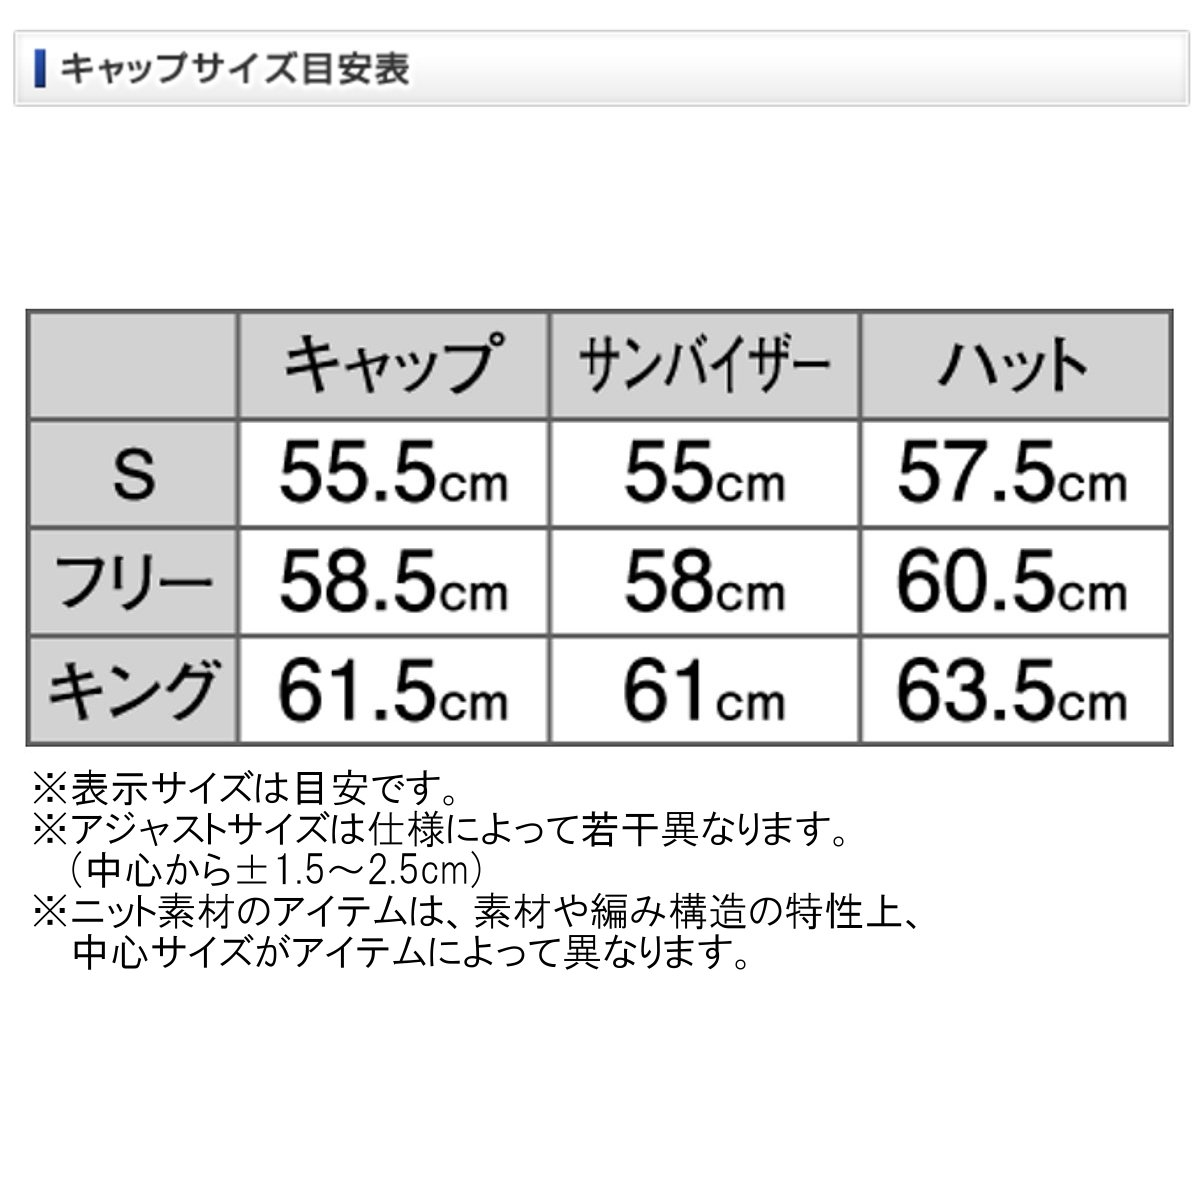 禧玛诺 (SHIMANO) 戈尔特斯雨章有限 PRO (tuvawide 型) CA-110 P 免费有限的白